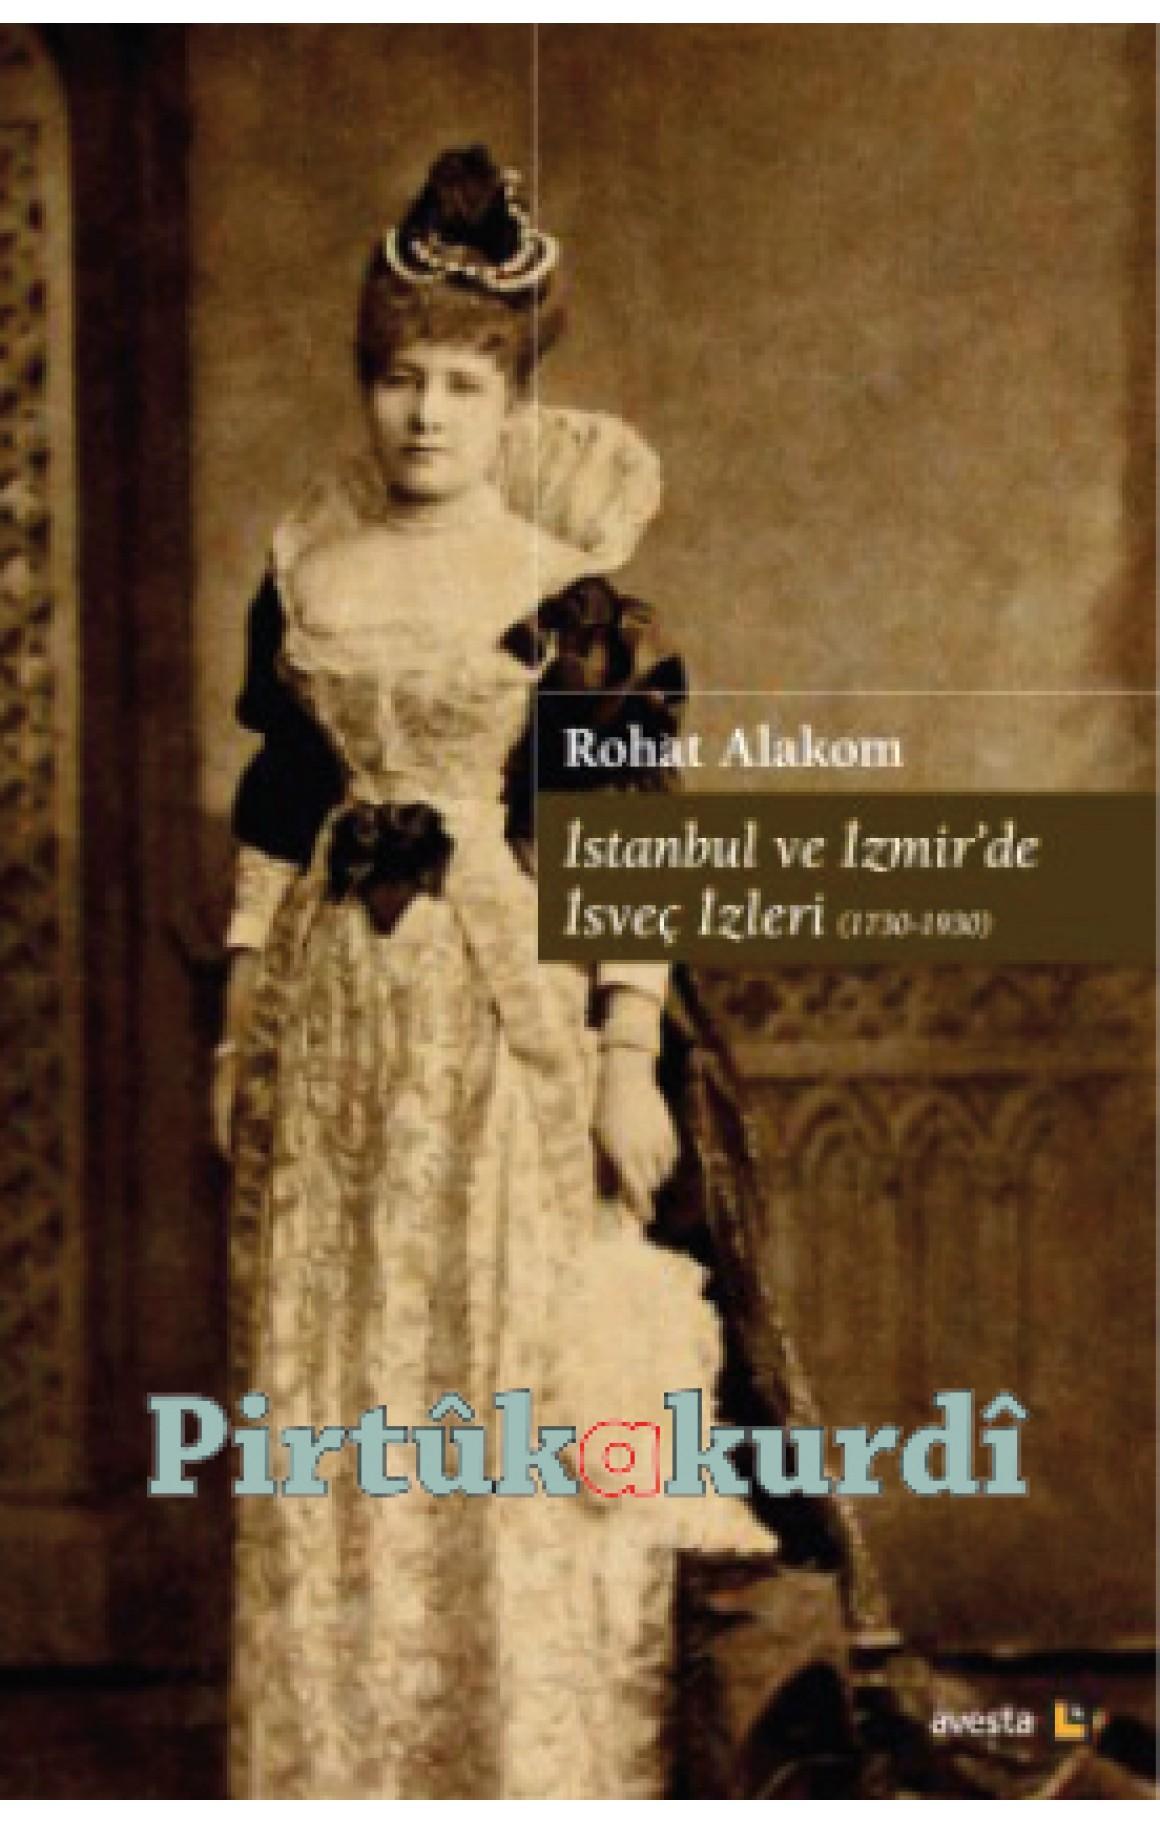 İstanbul ve İzmir'de İsveç İzleri (1730-1930)